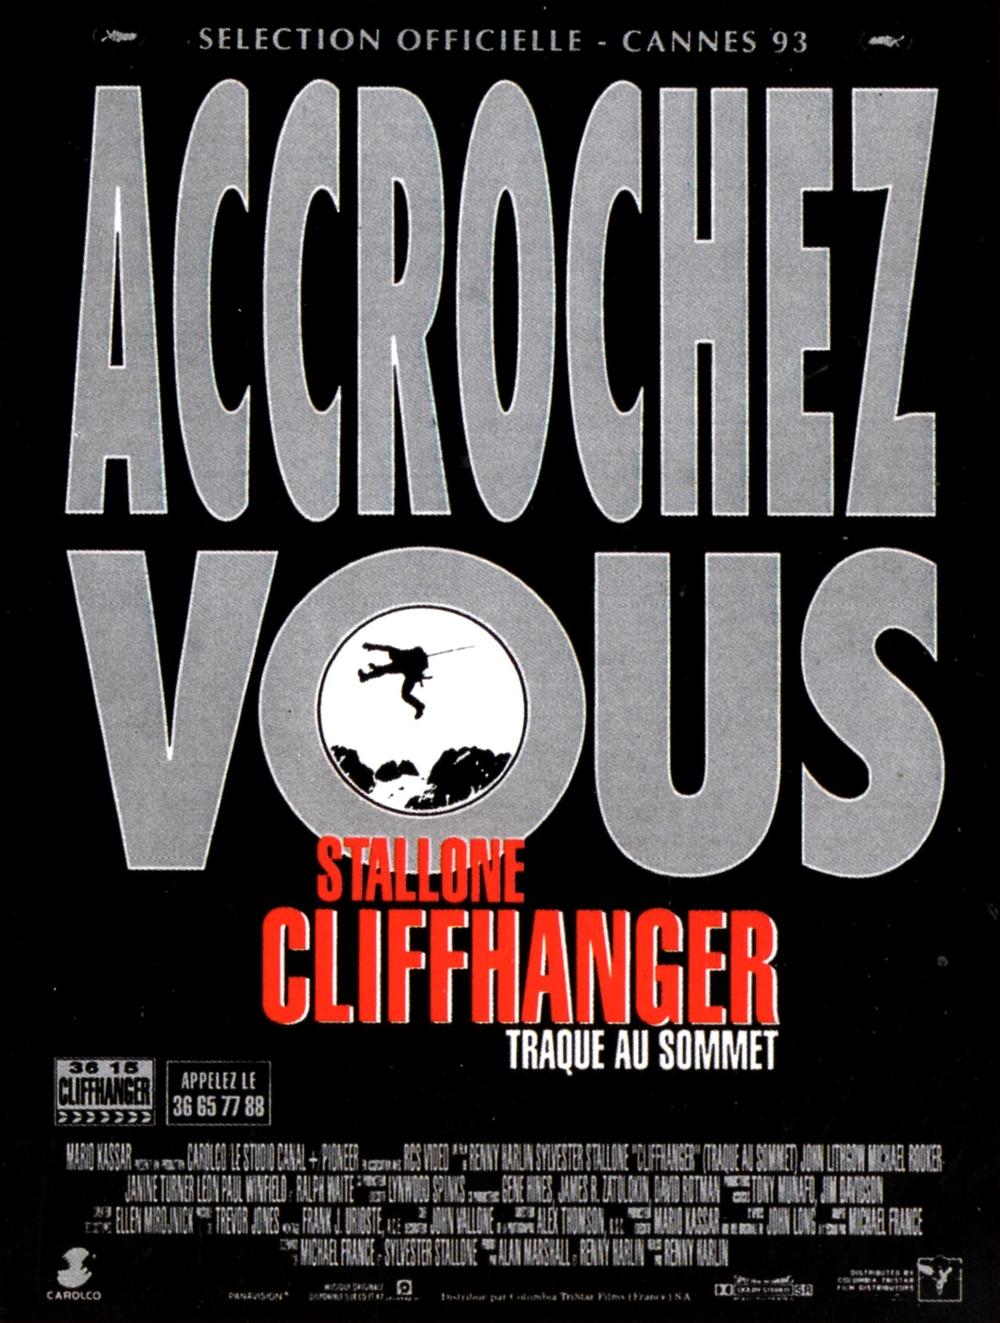 affiche du film Cliffhanger, traque au sommet